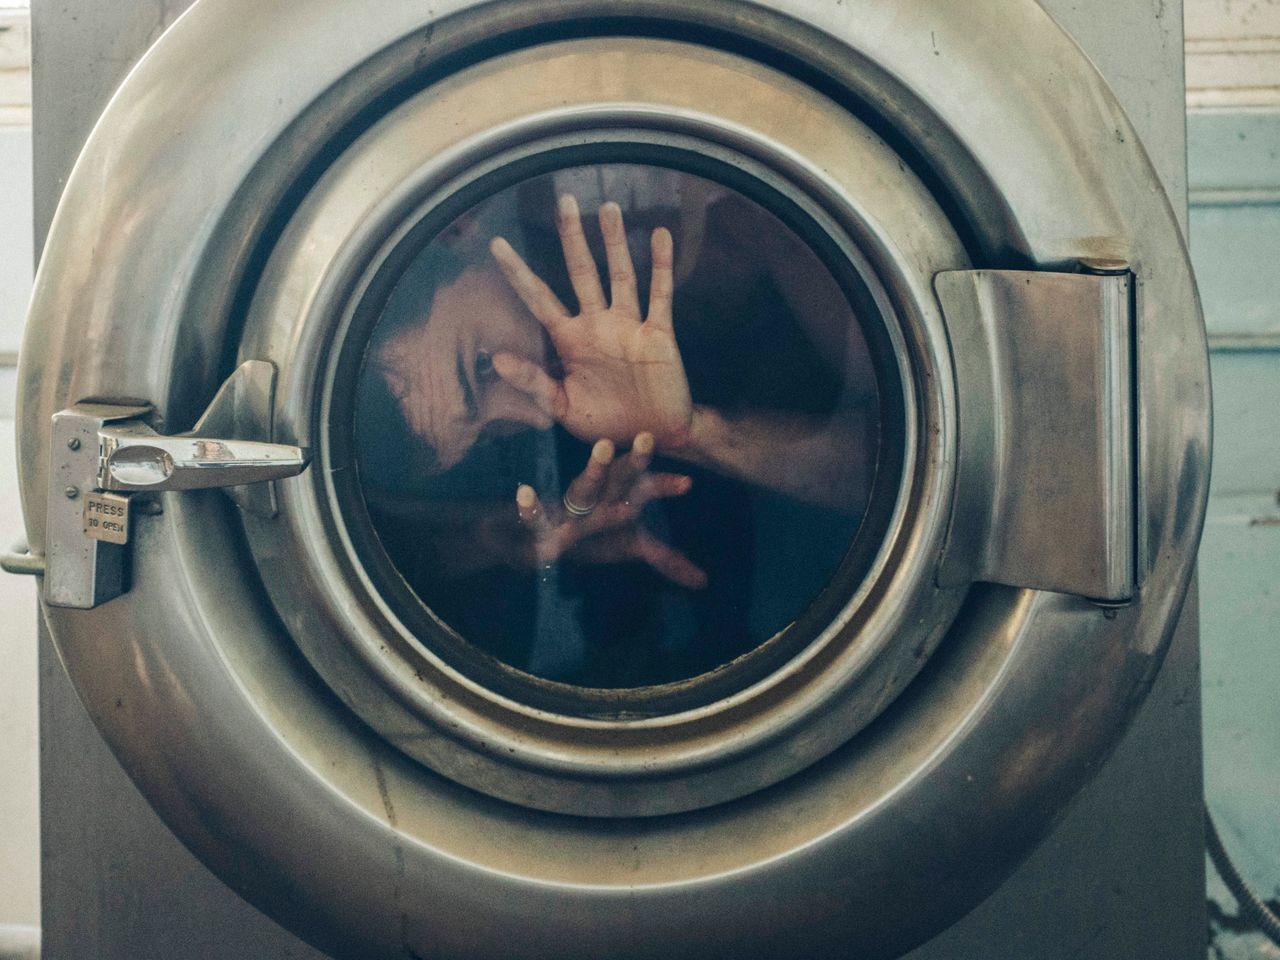 Rinse cycle EyeEmBestPics EyeEm Best Shots VSCO Portrait Of A Friend